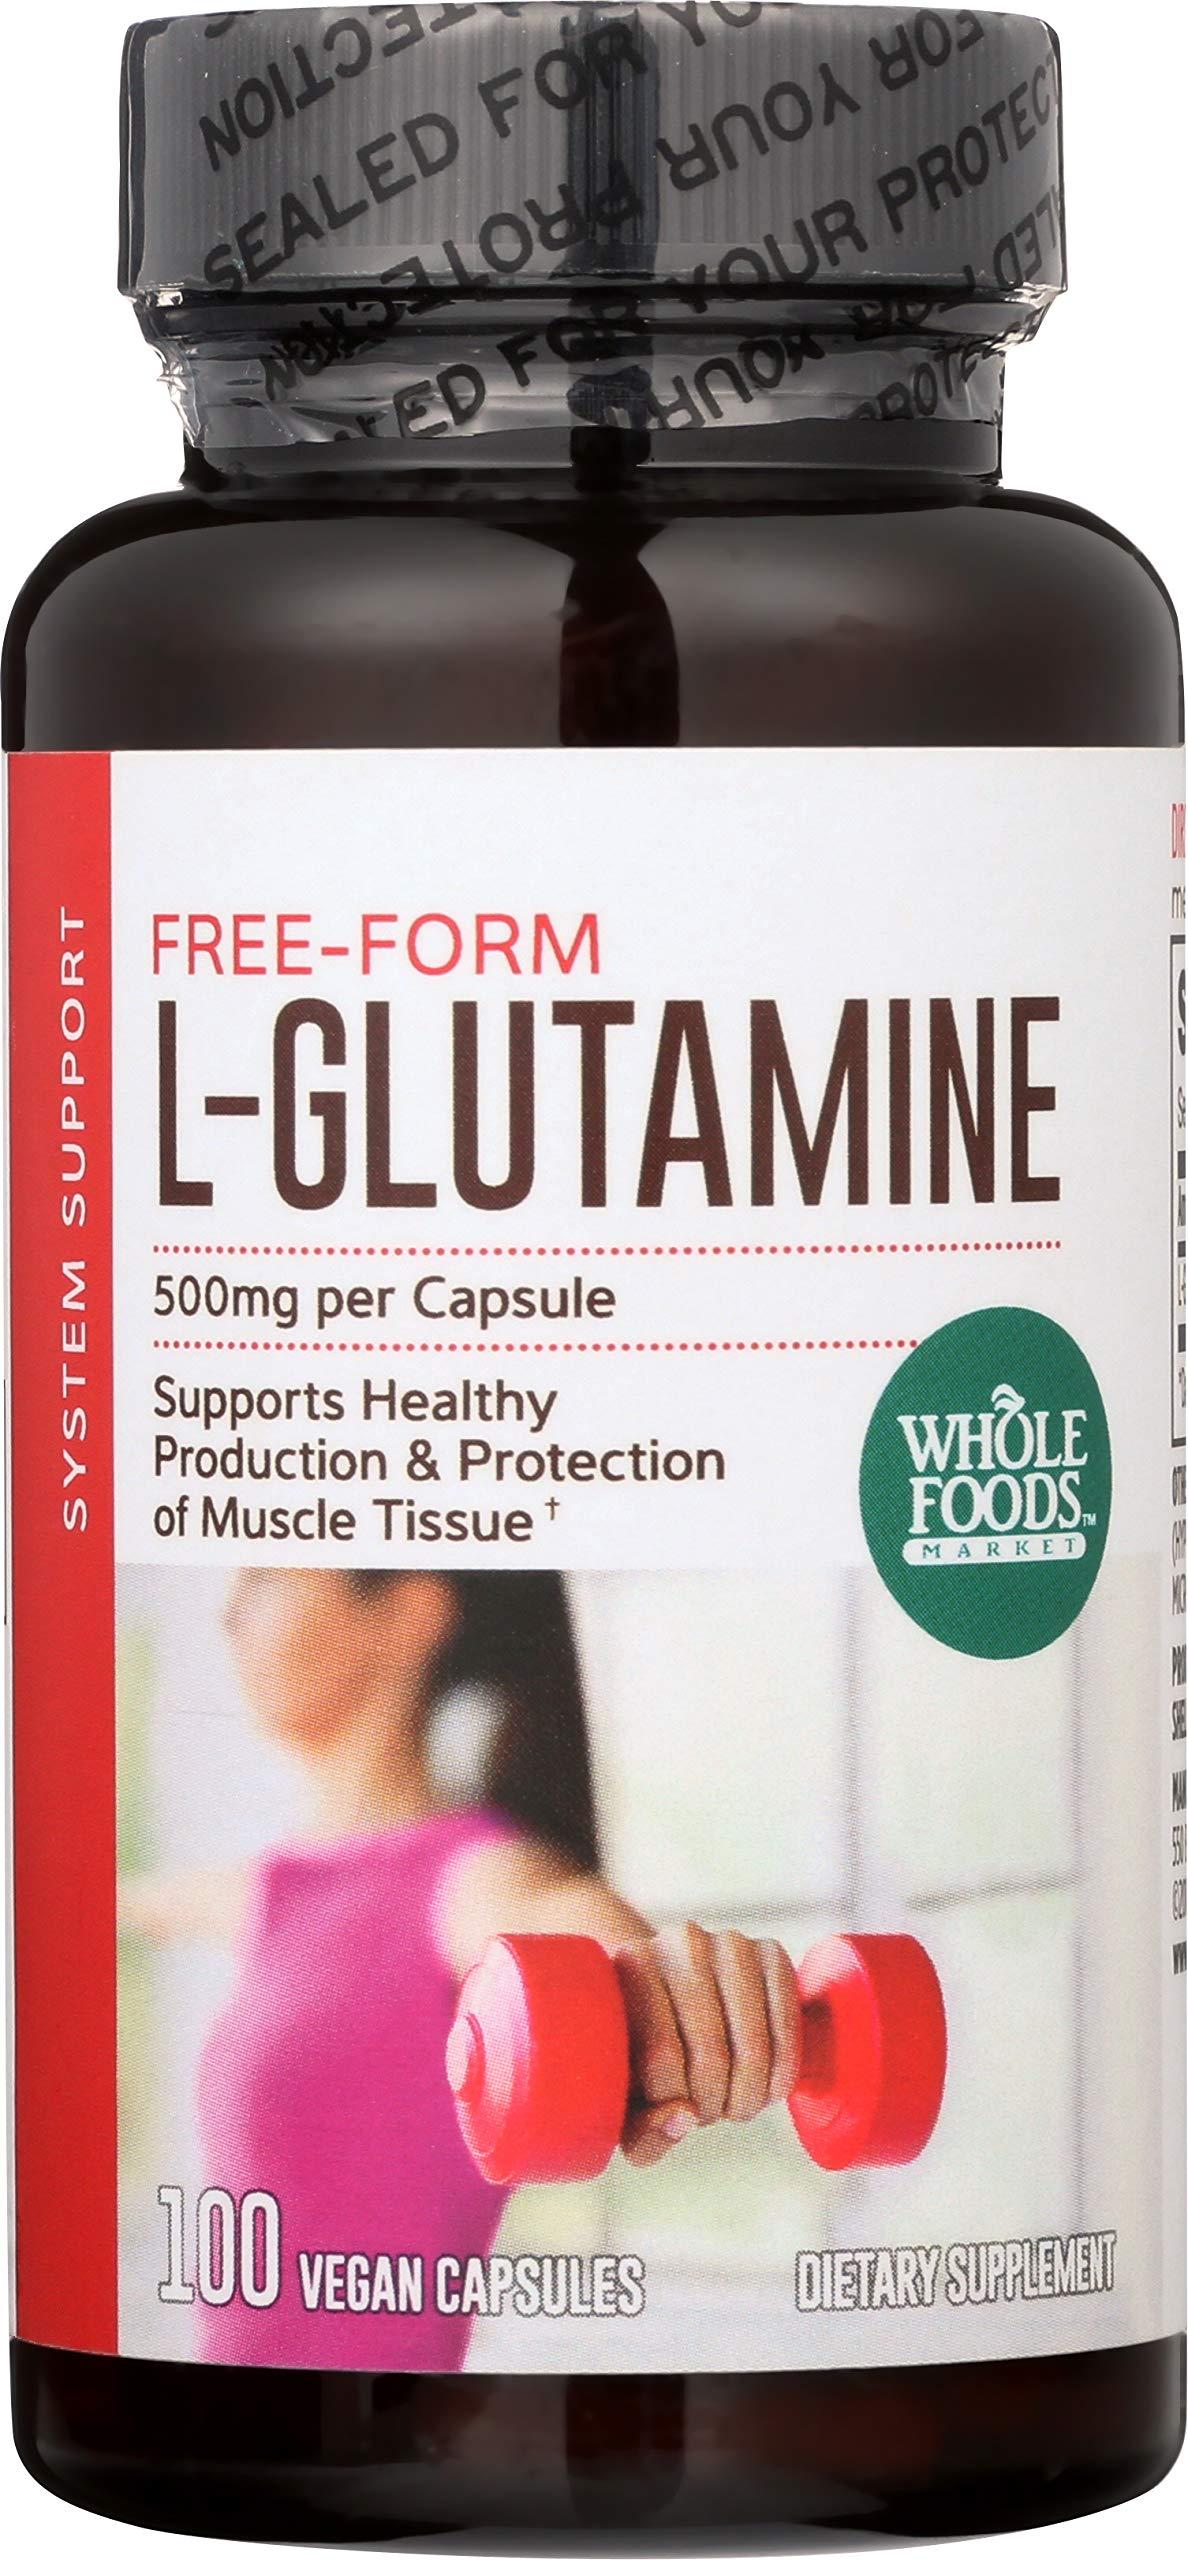 Whole Foods Market, L-Glutamine 500mg, 100 ct